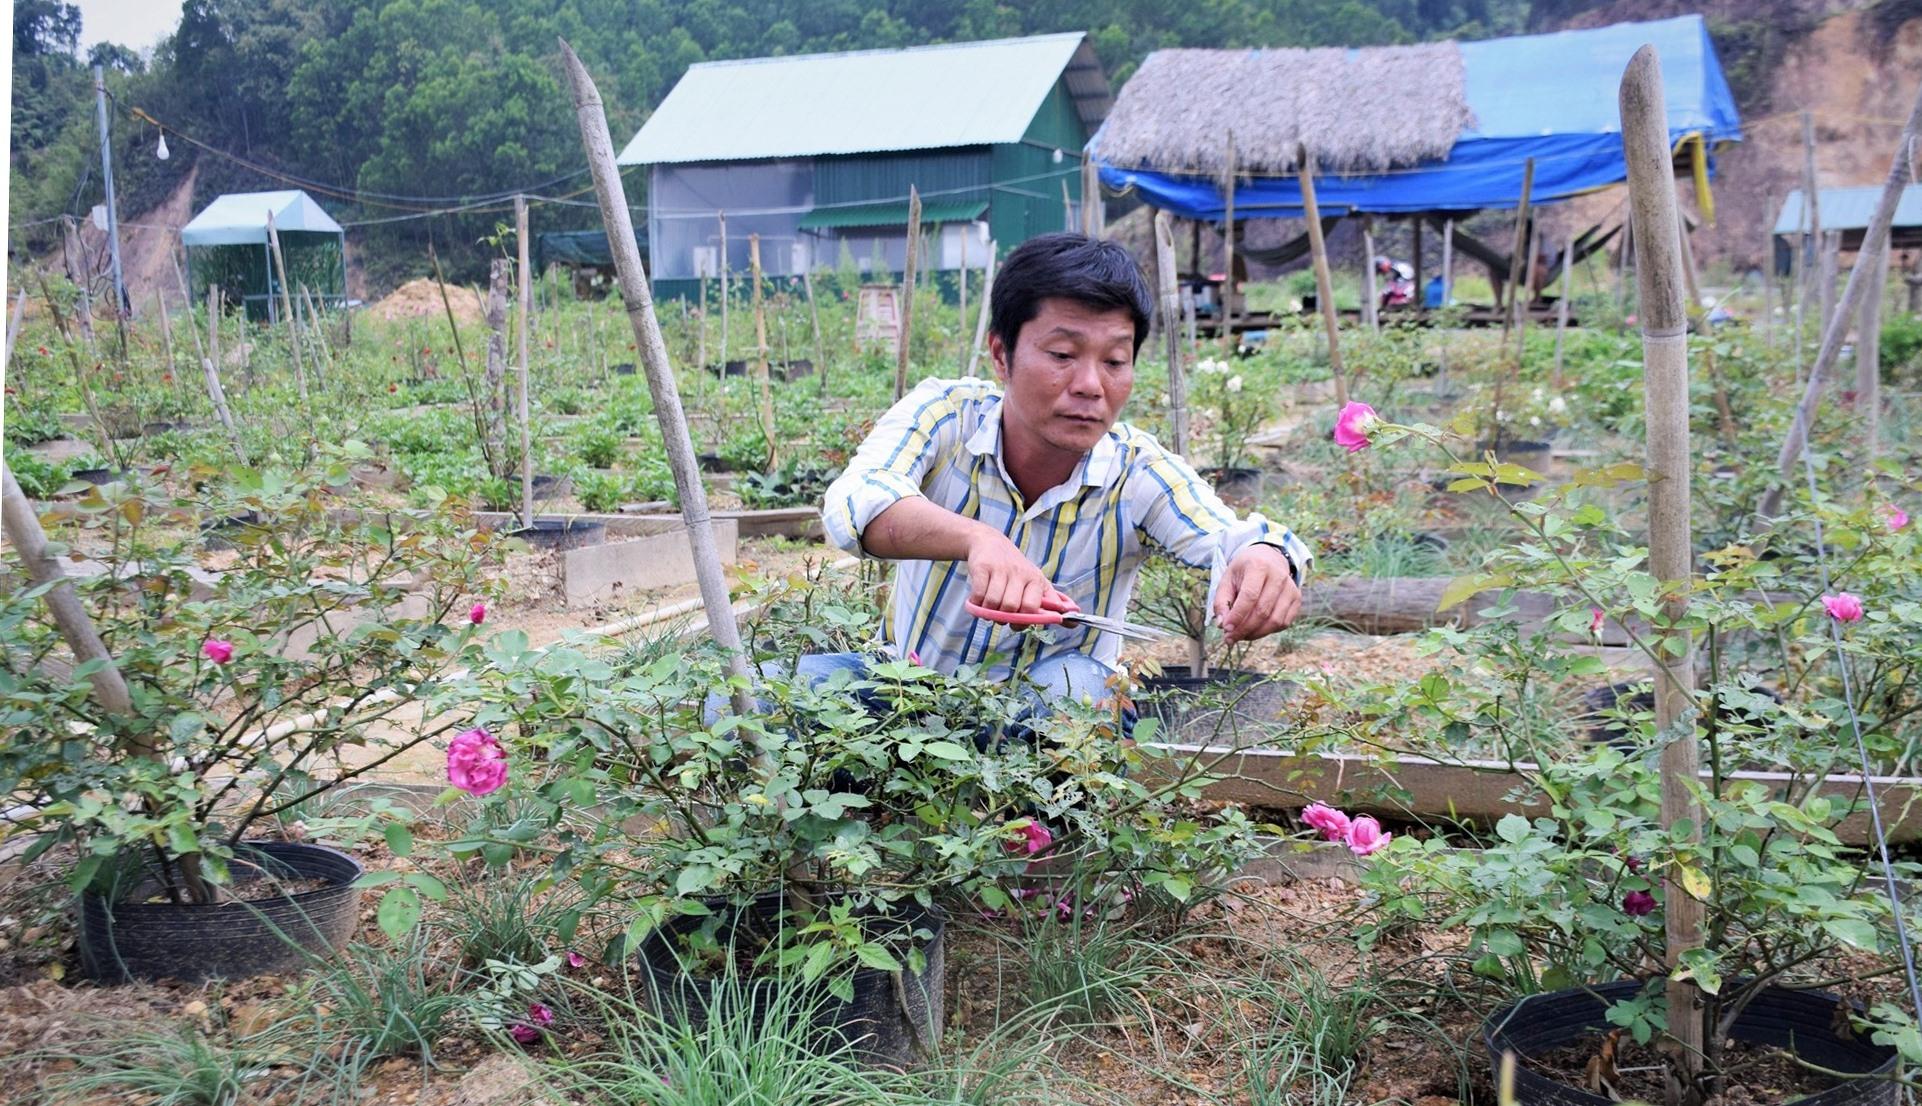 Anh Nguyễn Xuân Minh chăm sóc vườn hoa hồng. Ảnh: THANH THẮNG